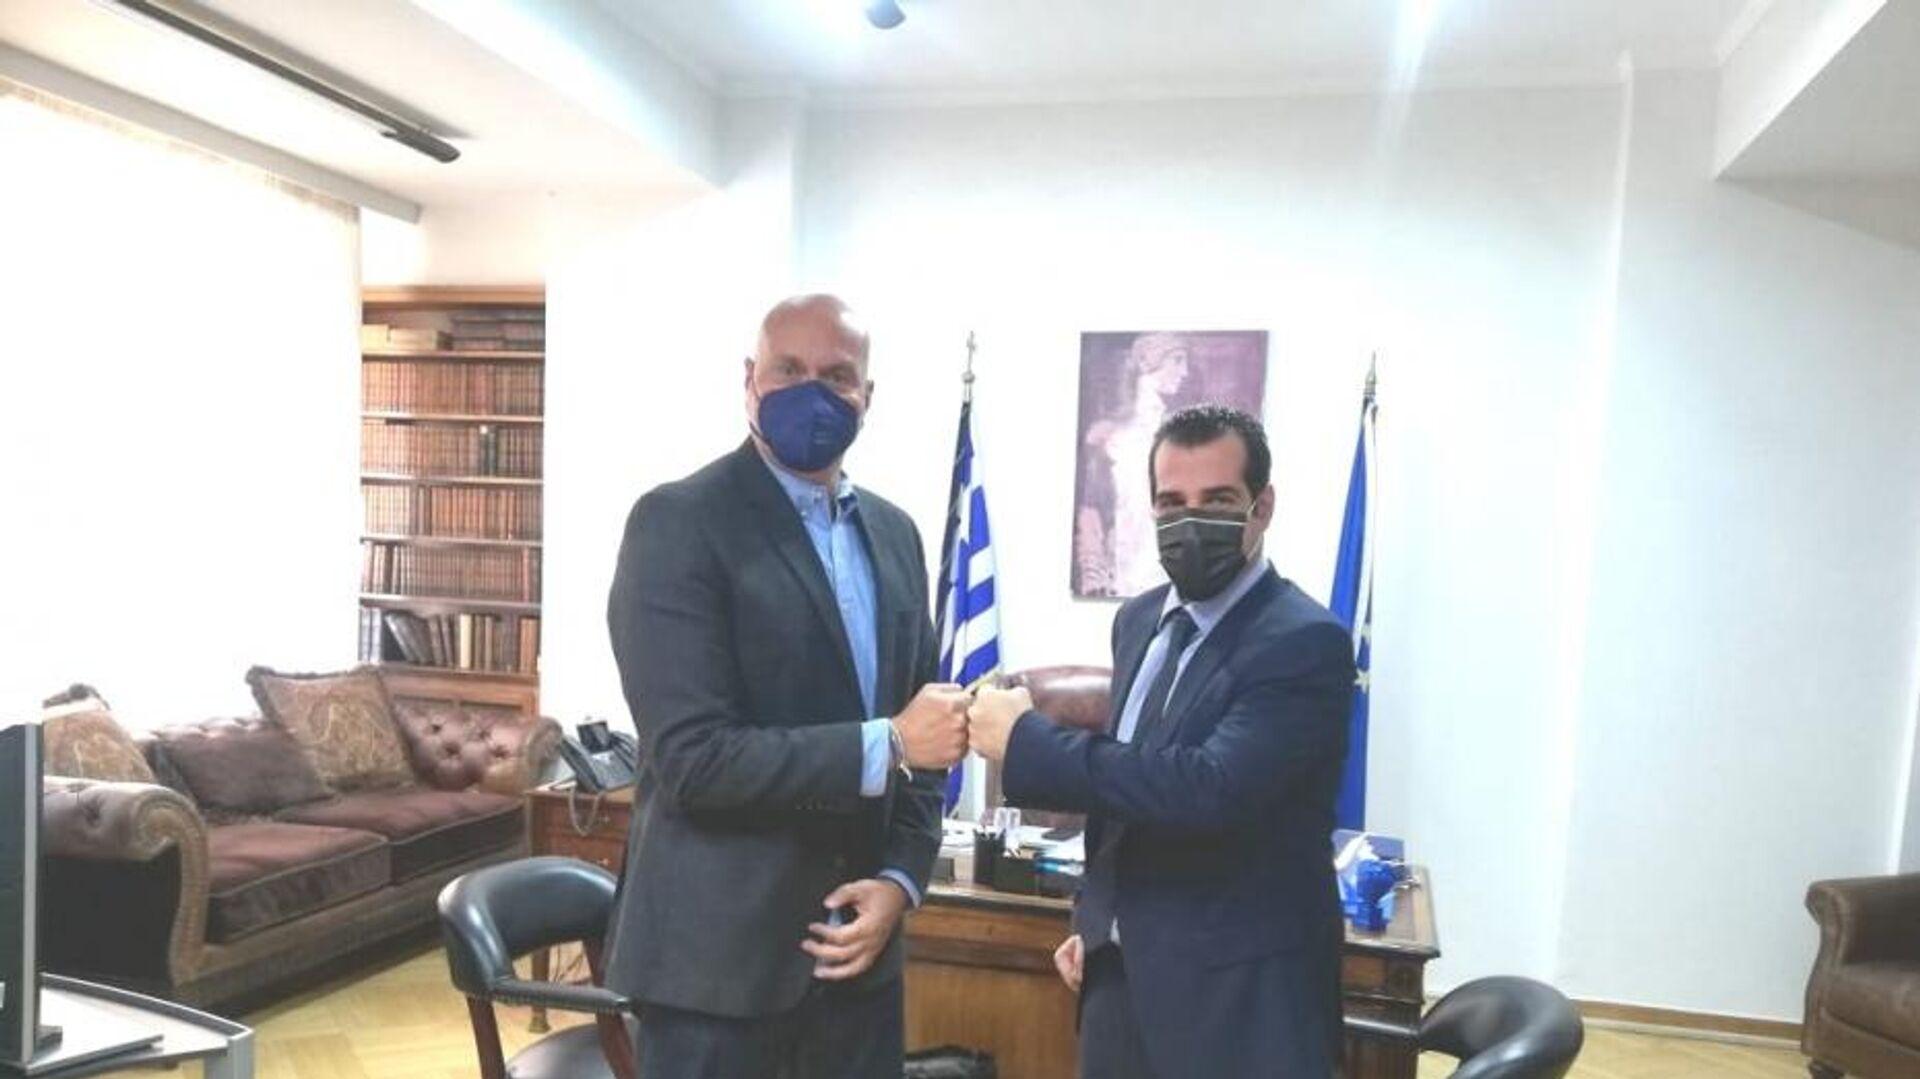 Θάνος Πλεύρης και Θεοκλής Ζαούτης - Sputnik Ελλάδα, 1920, 05.10.2021